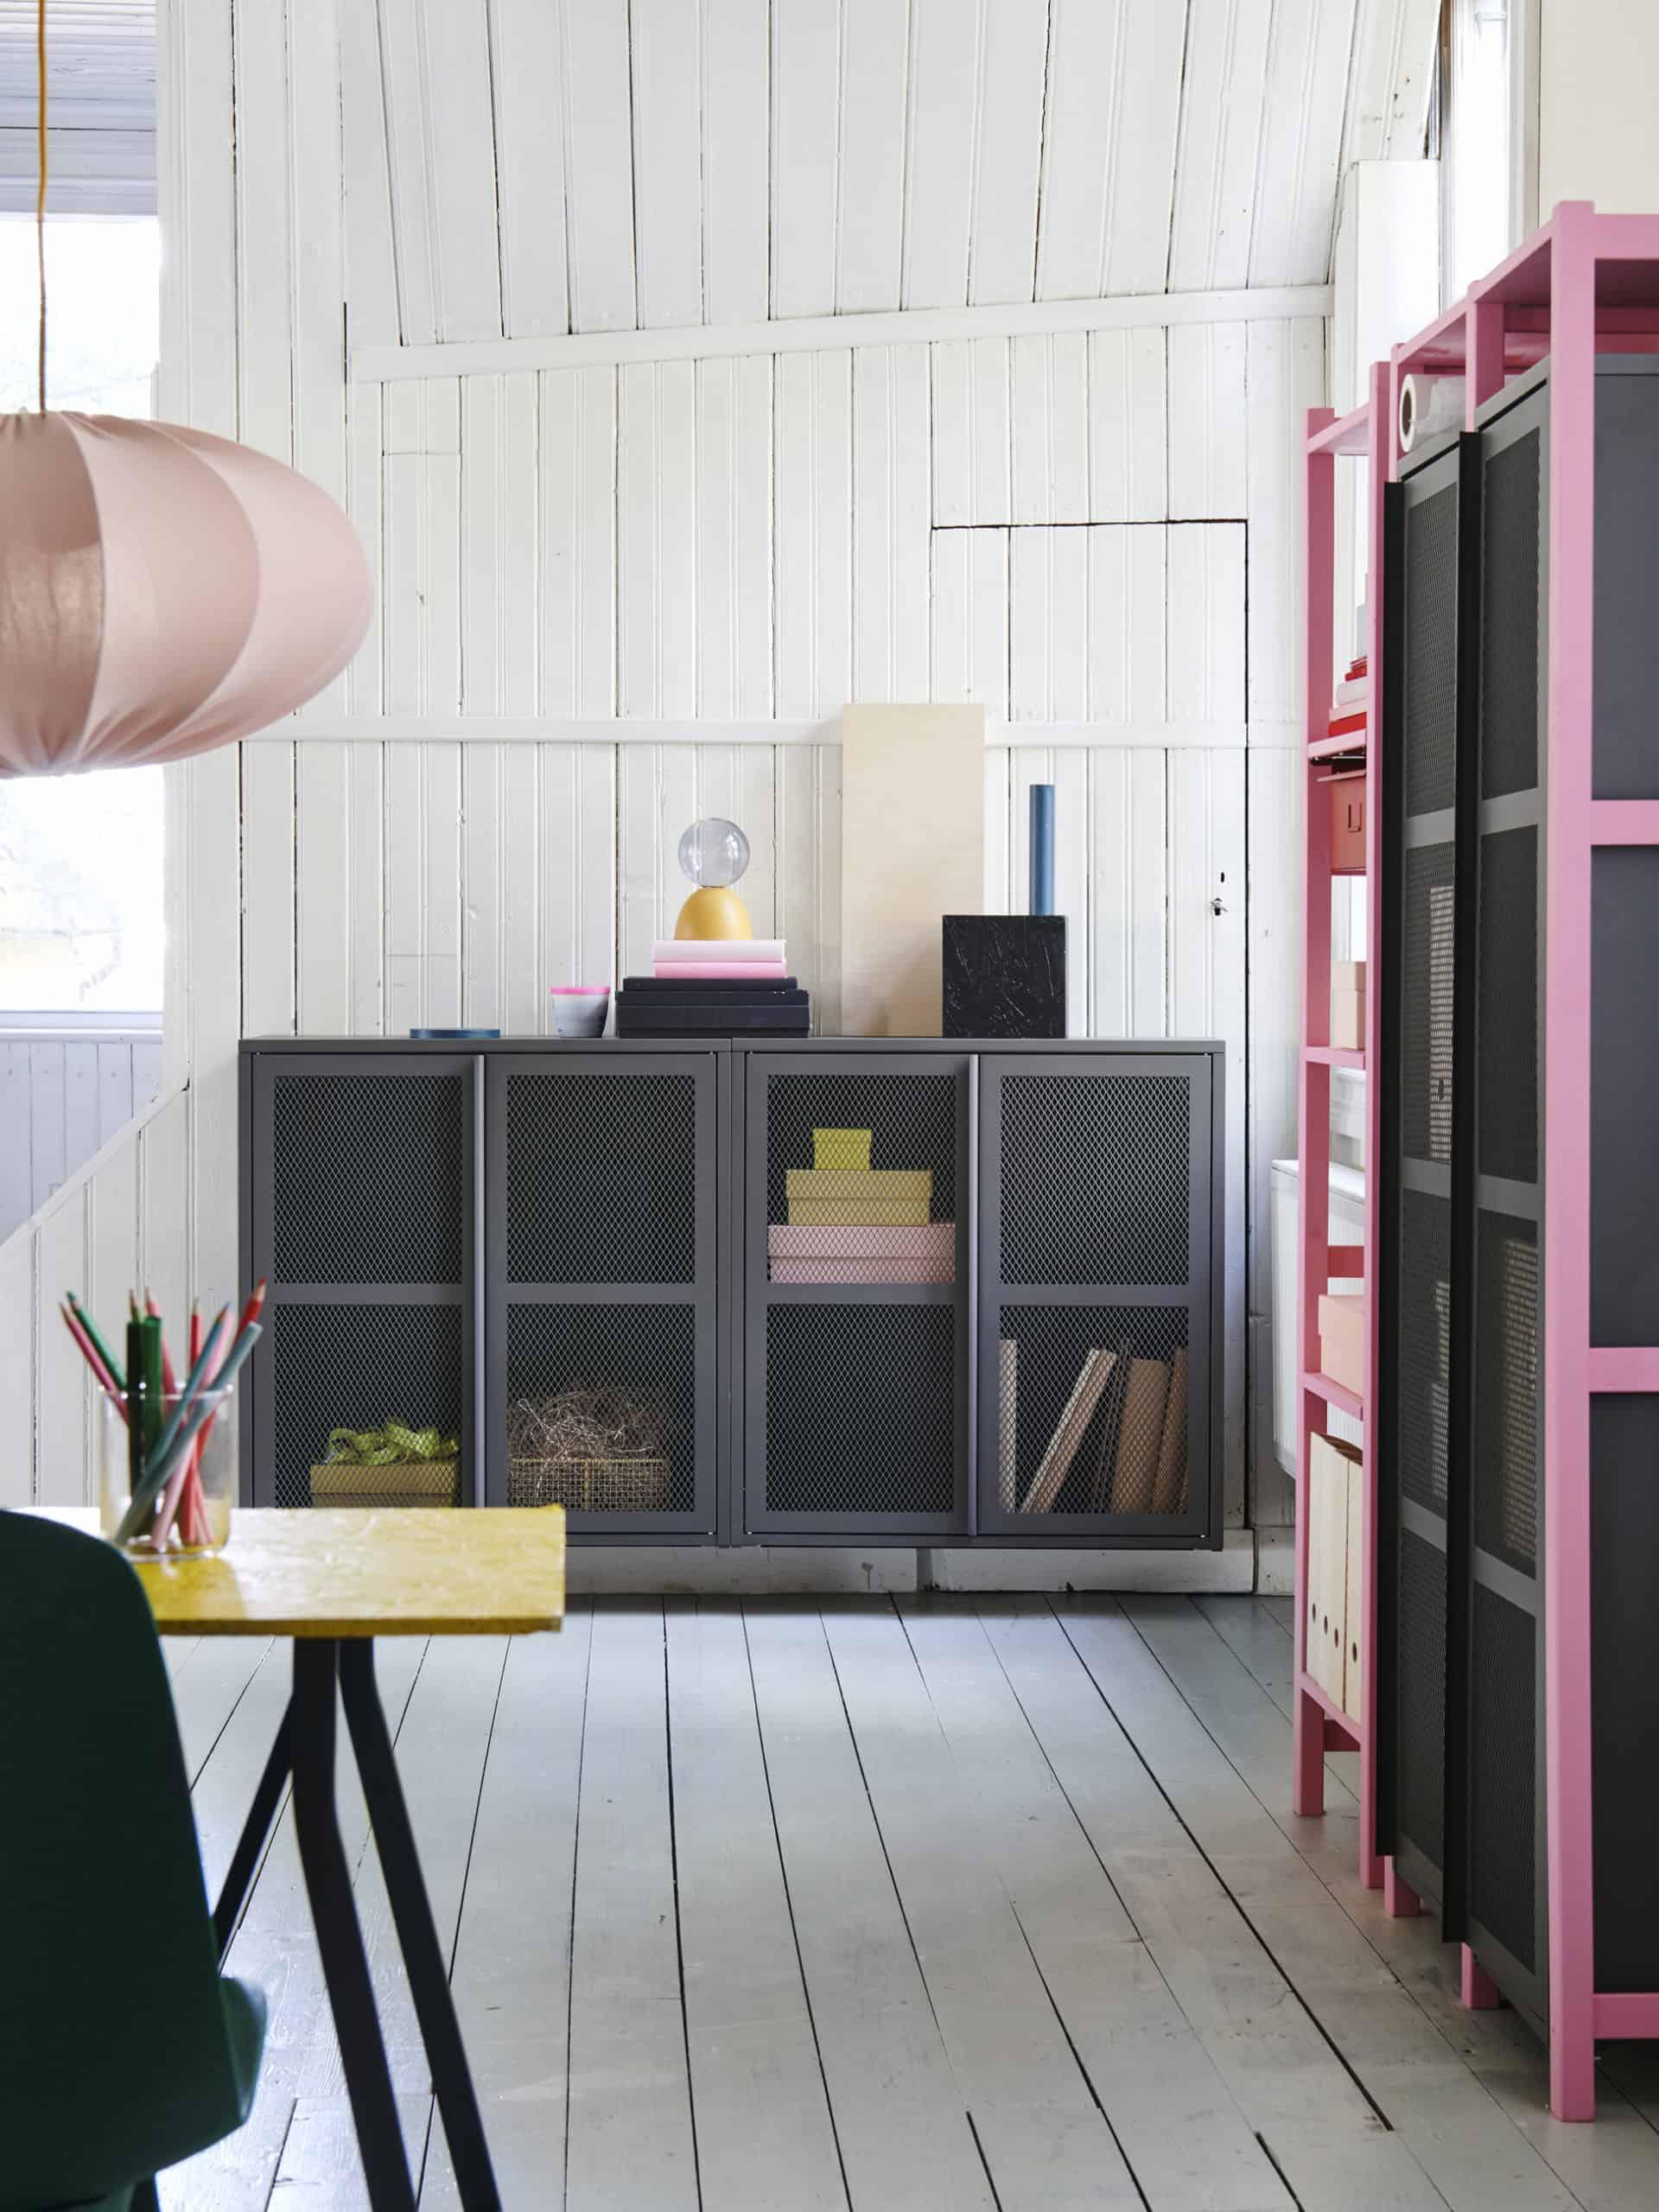 IKEA_IVAR_skap_dorr_PH170470